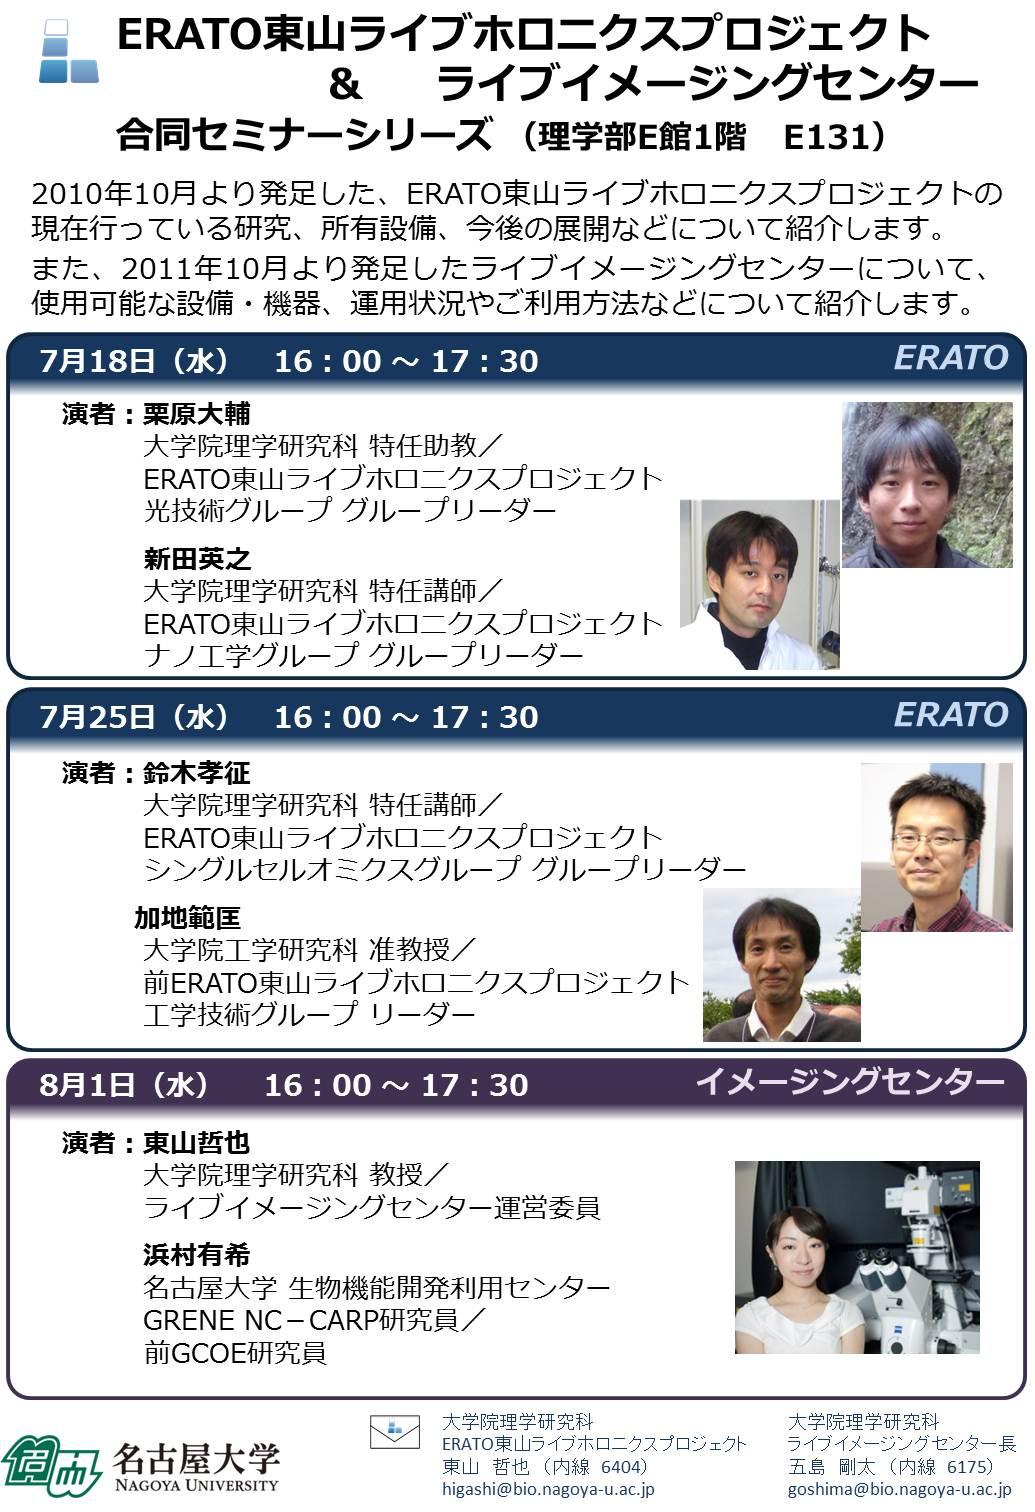 http://www.liveholonics.com/seminar/files/%E3%83%81%E3%83%A9%E3%82%B71.jpg